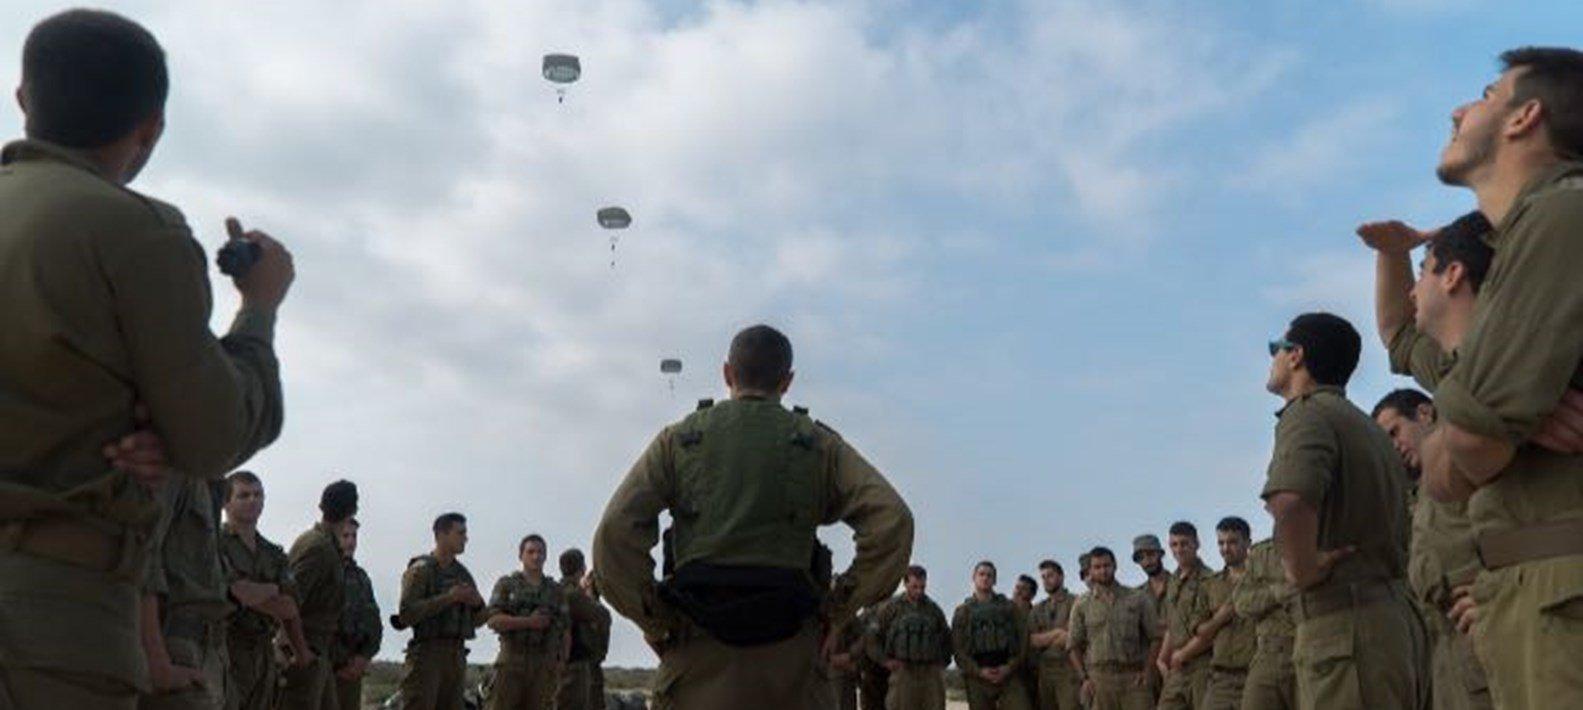 Israel participa en ejercicios militares internacionales en Europa